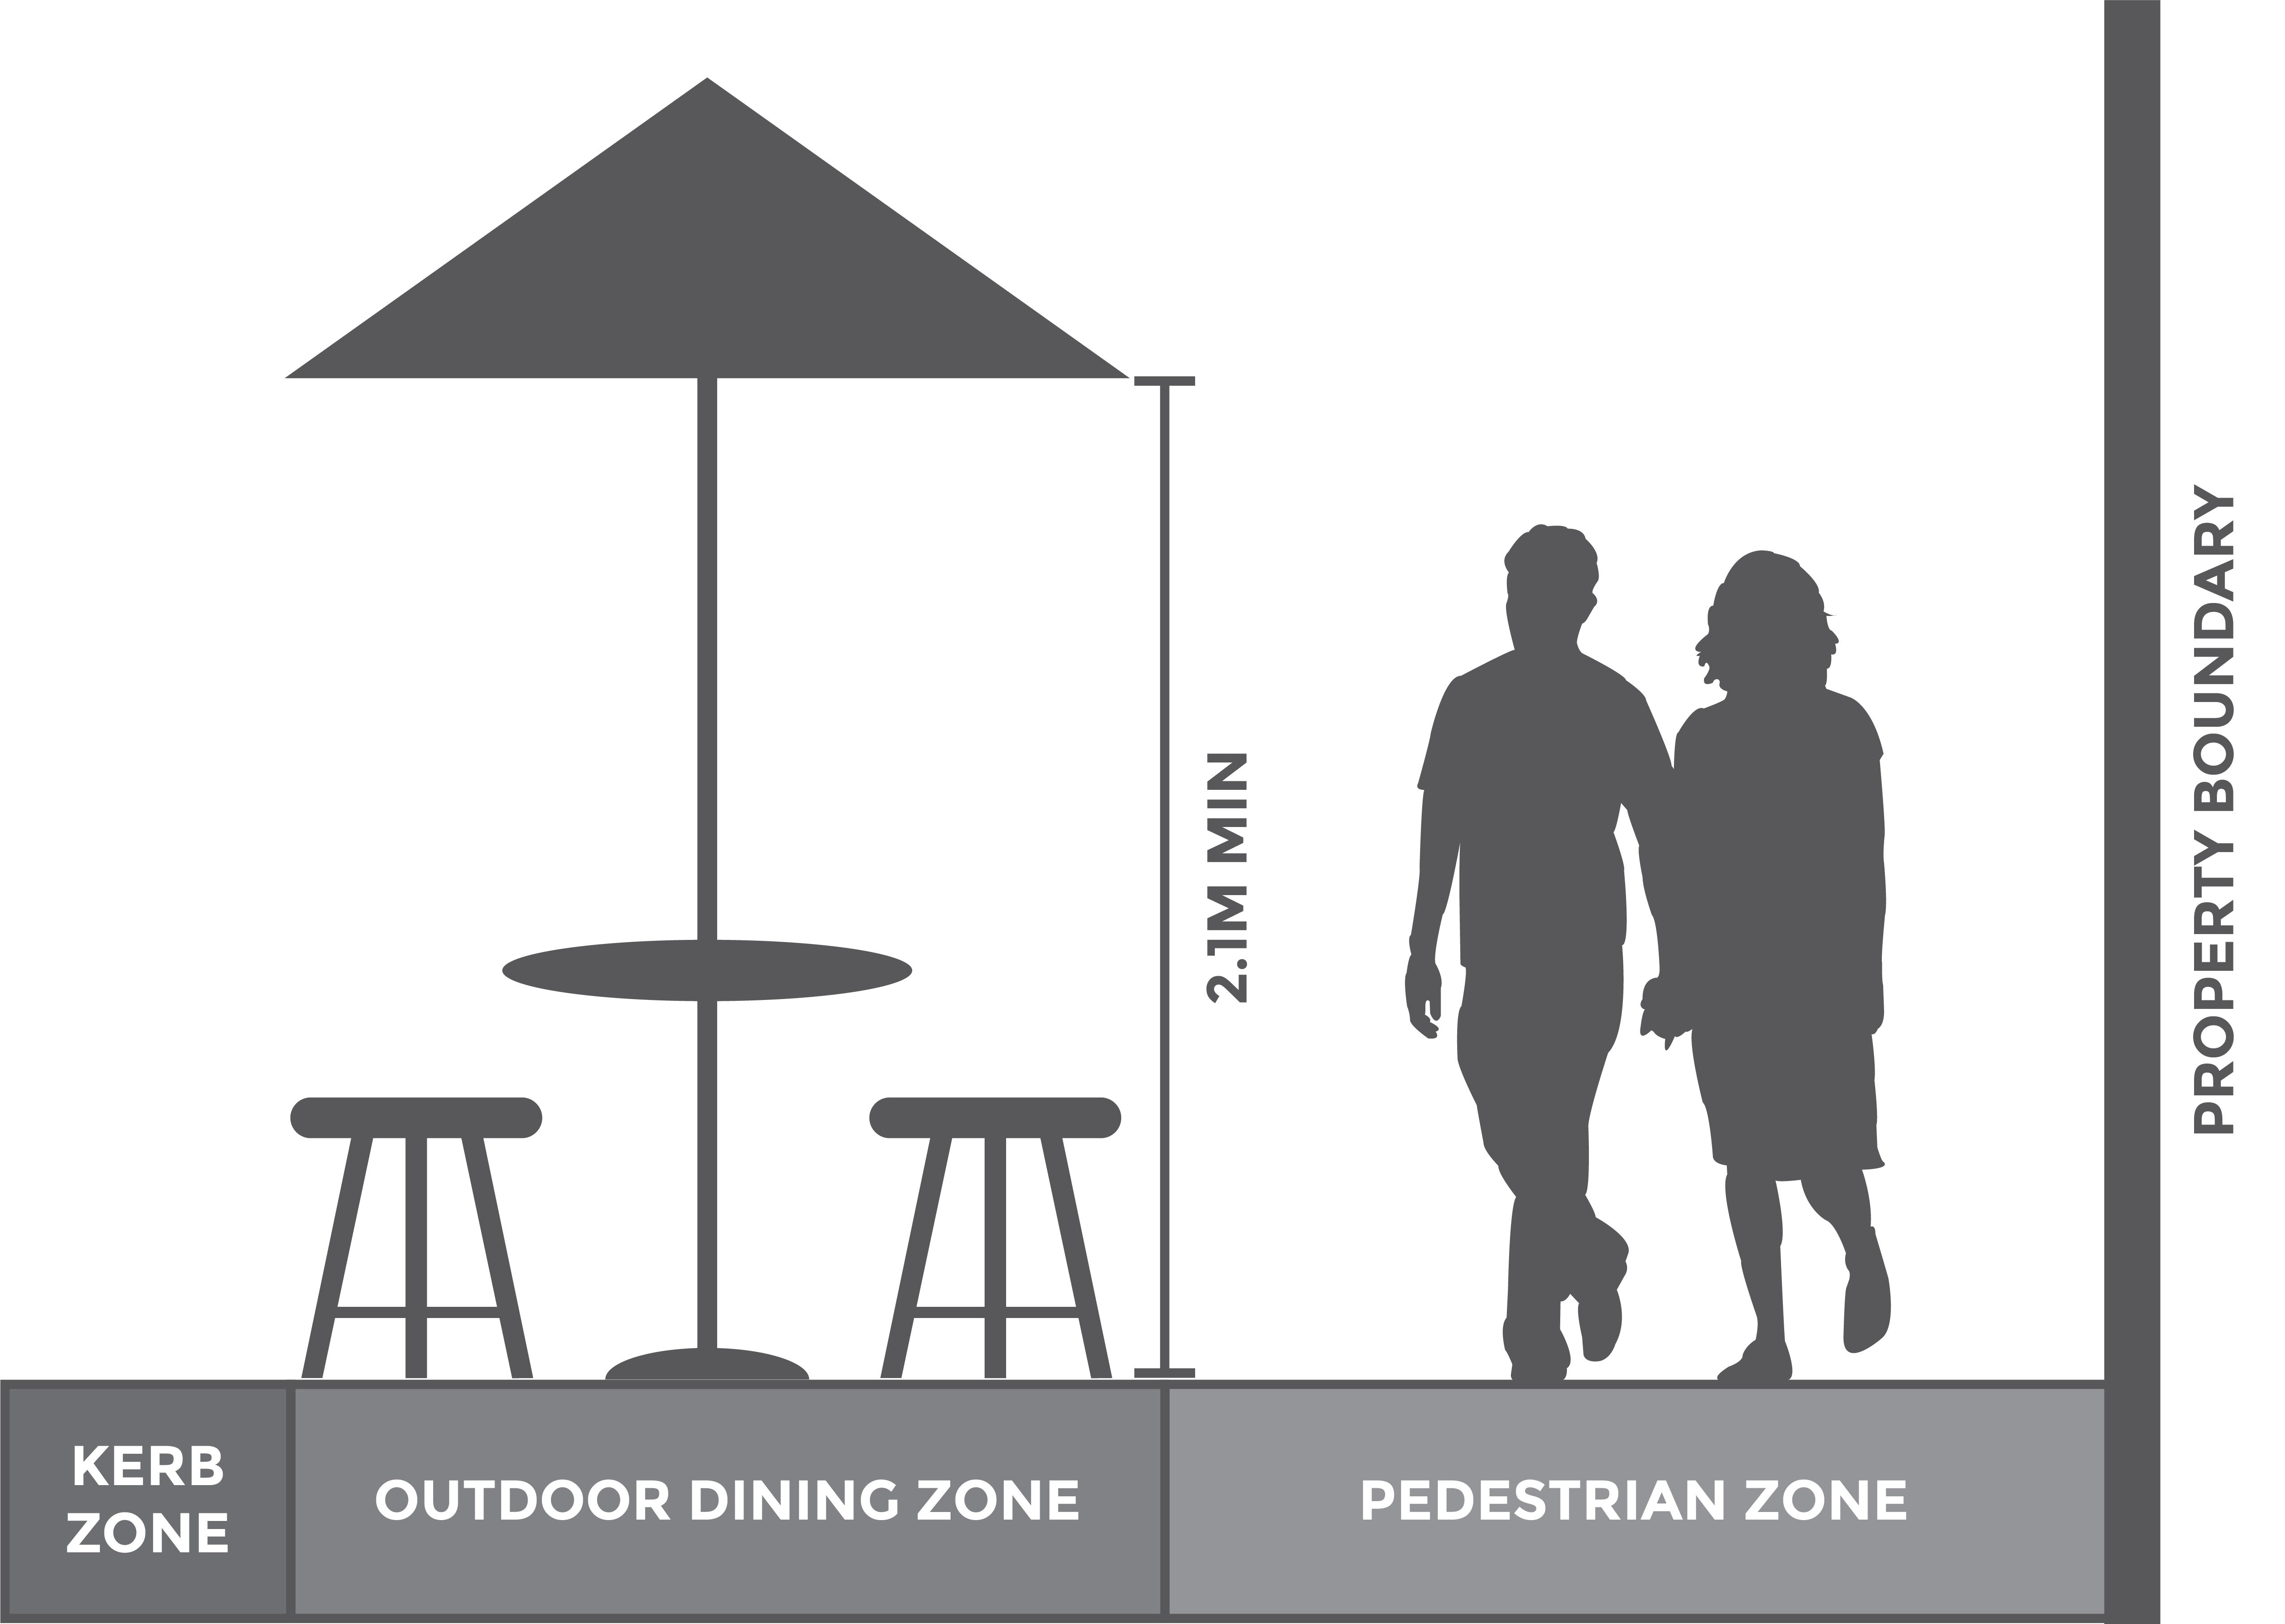 Pedestrian Zone infographic